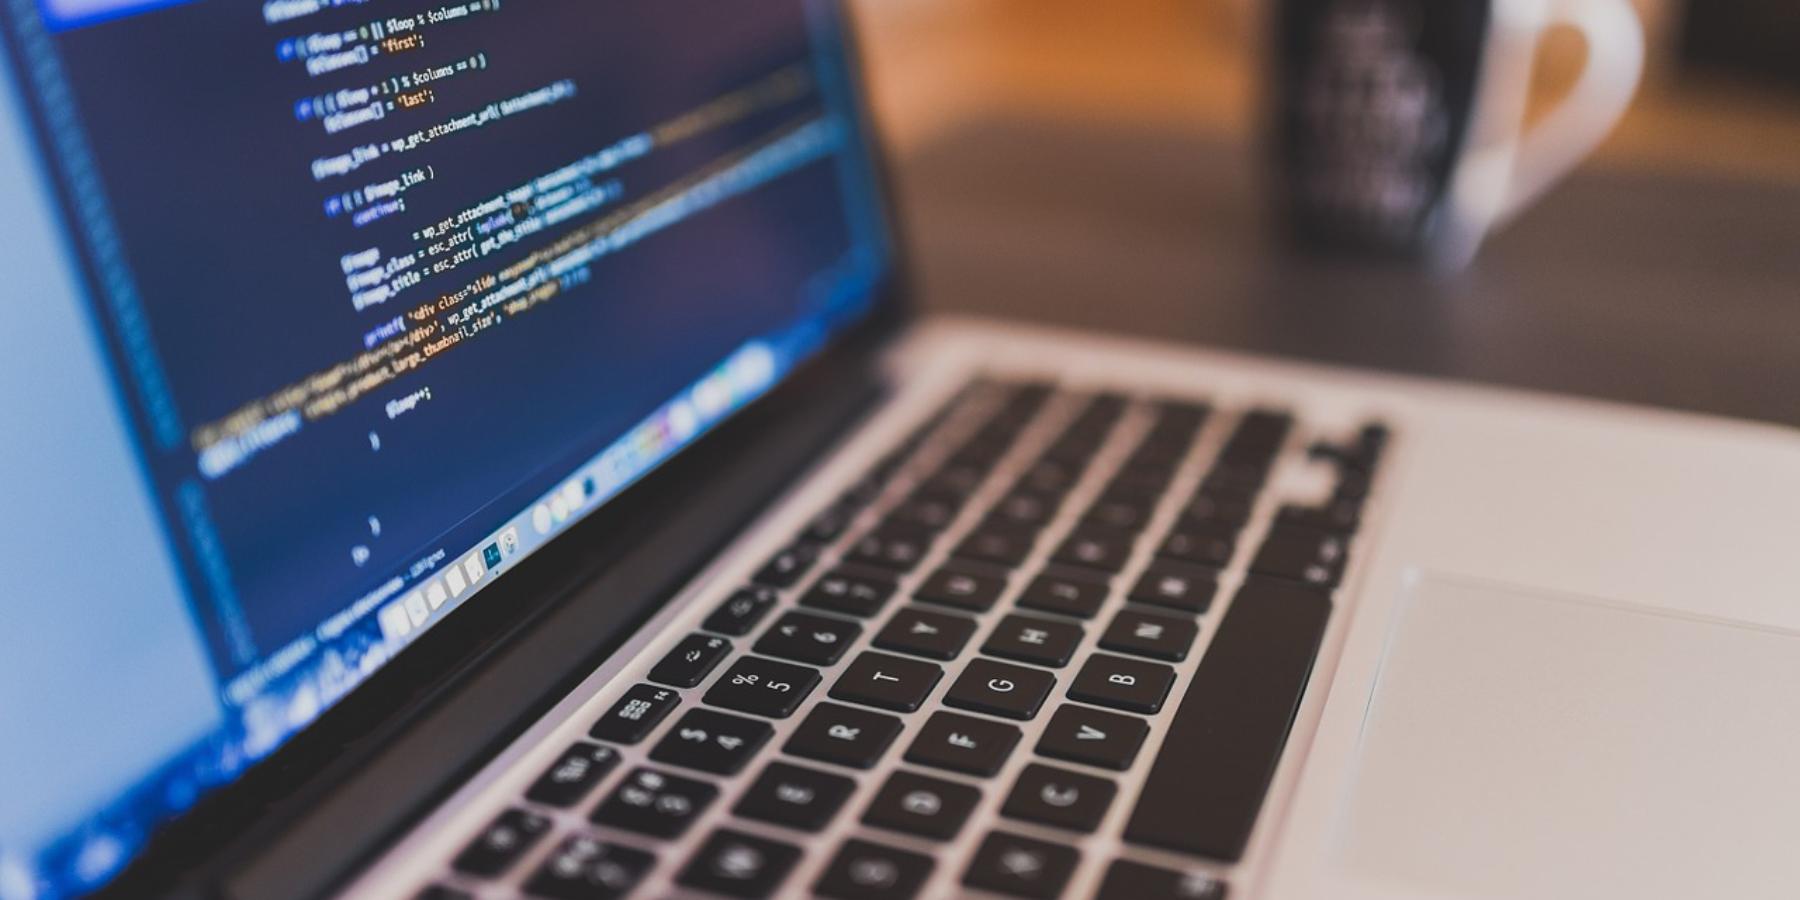 Wywiad zMichałem Mysiakiem – jak osiągnąć sukces wbranży IT?